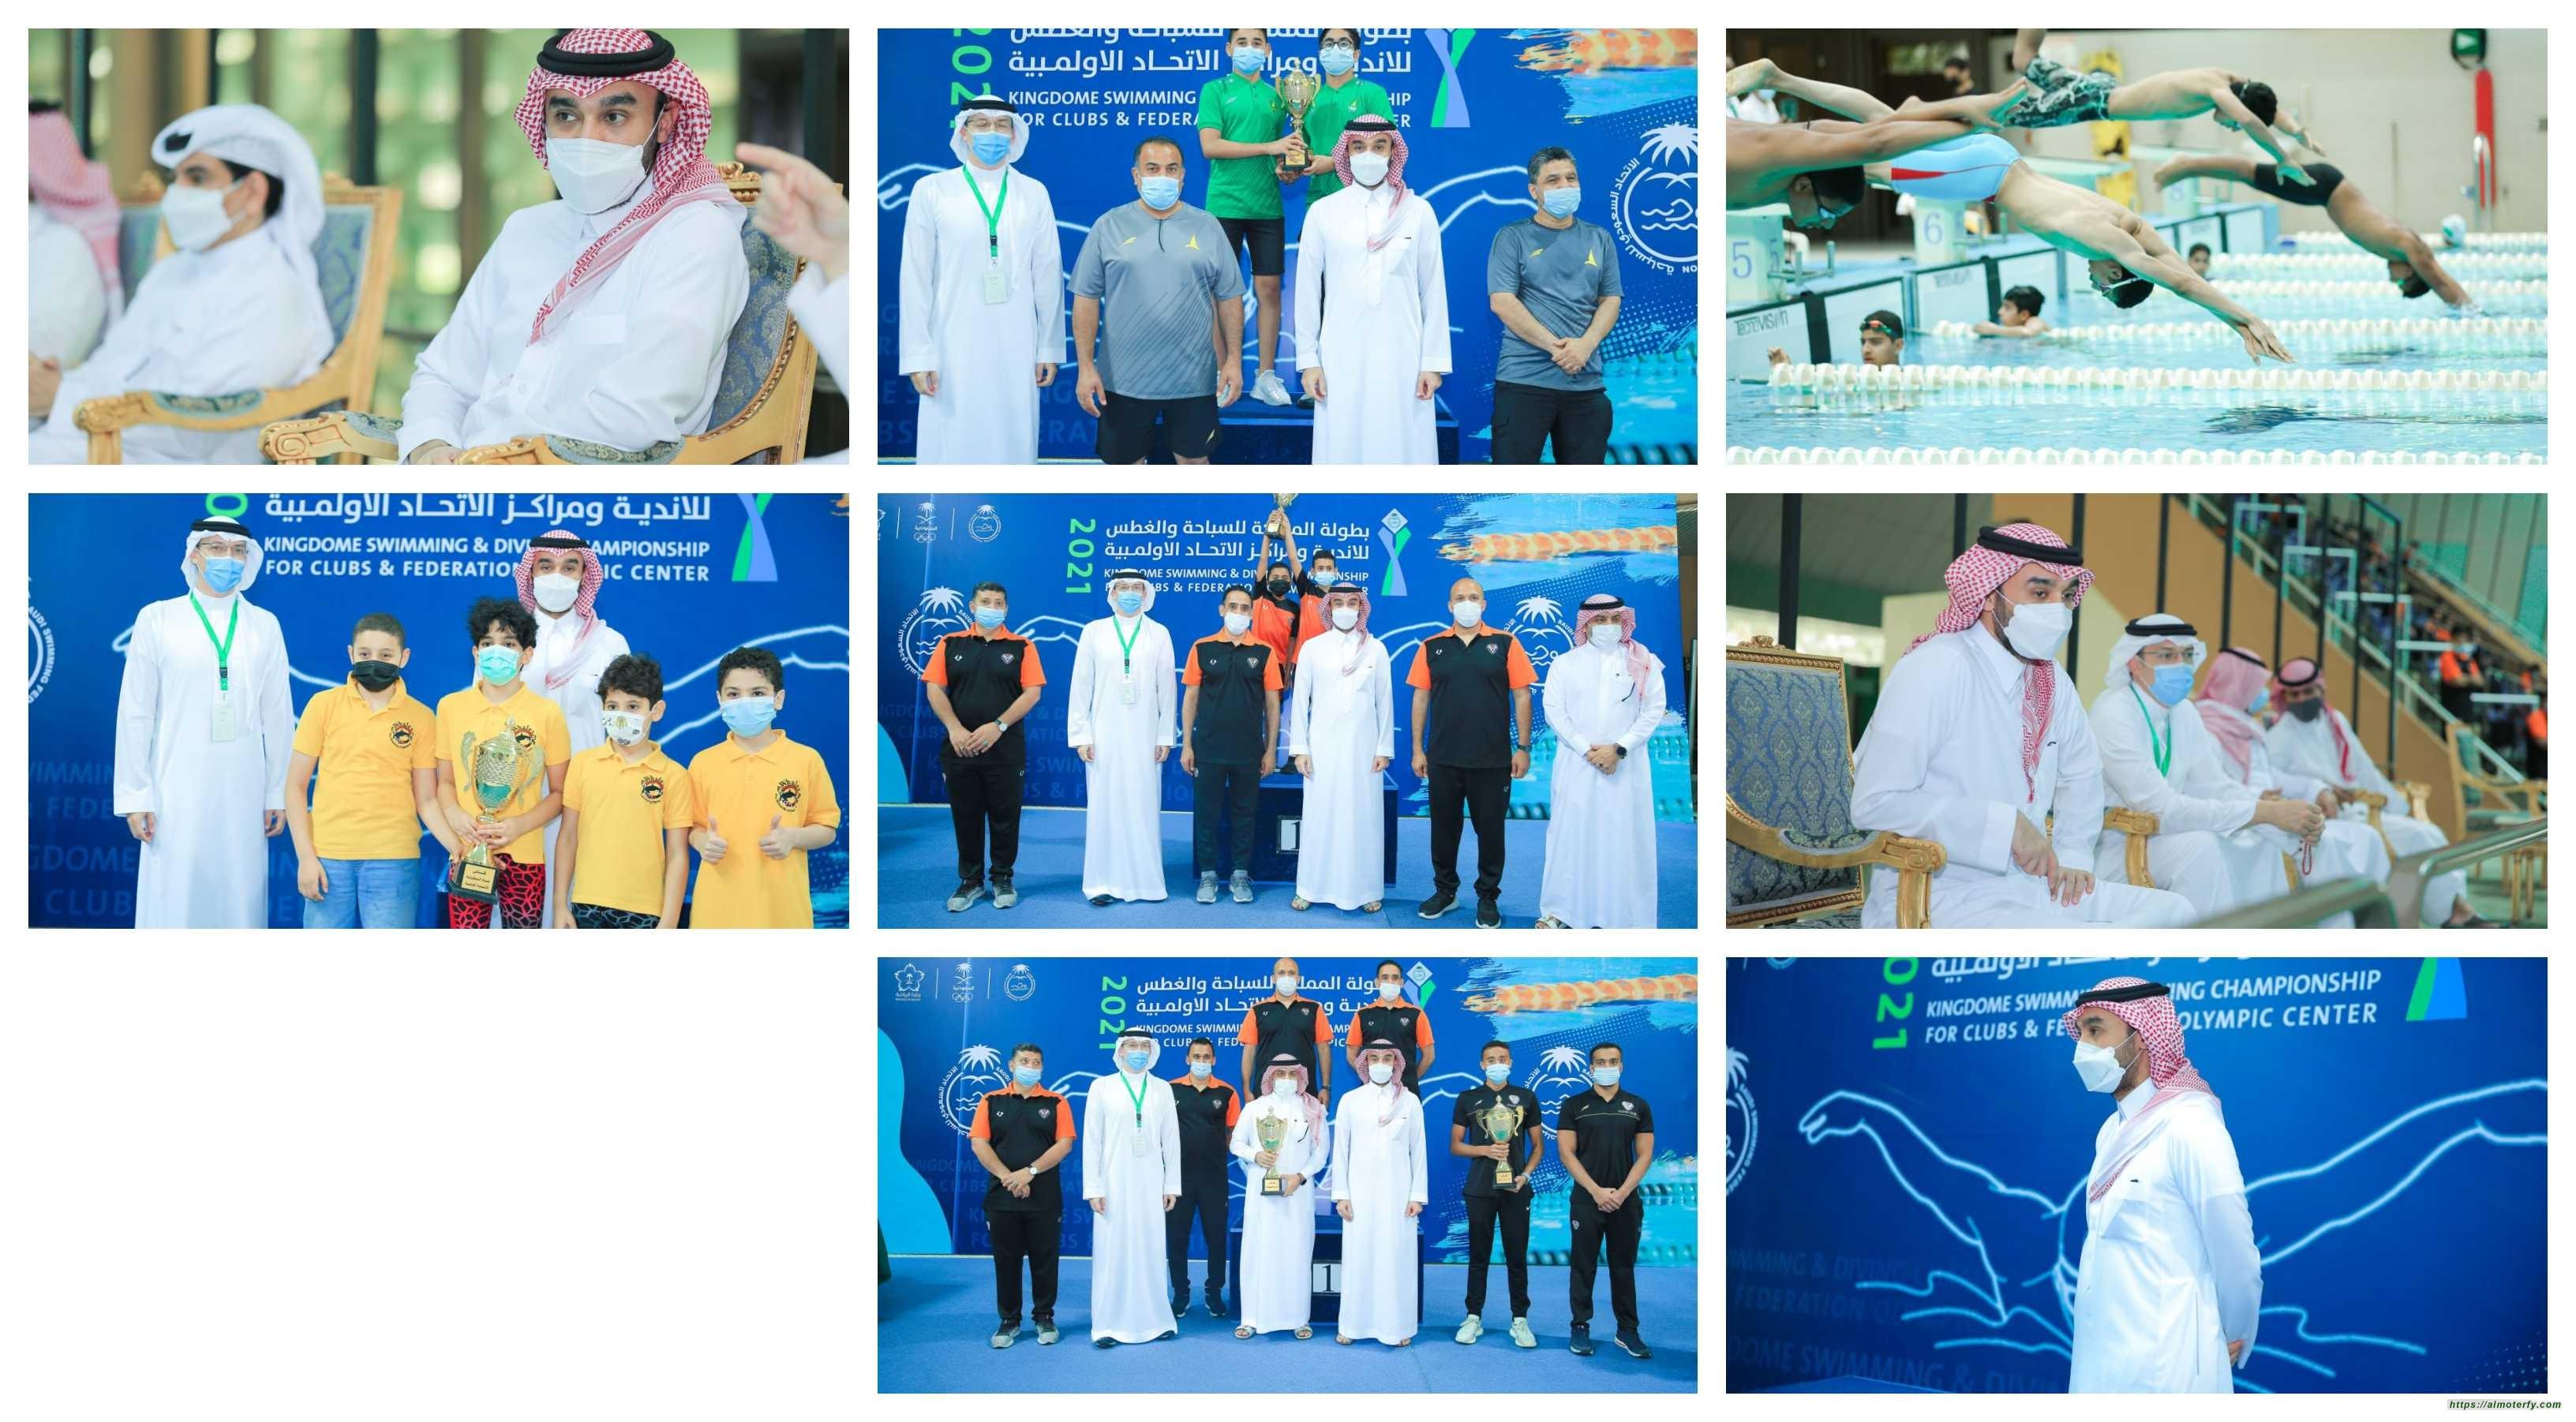 وزير الرياضة يتوج الفائزين في بطولة المملكة للسباحة والغطس